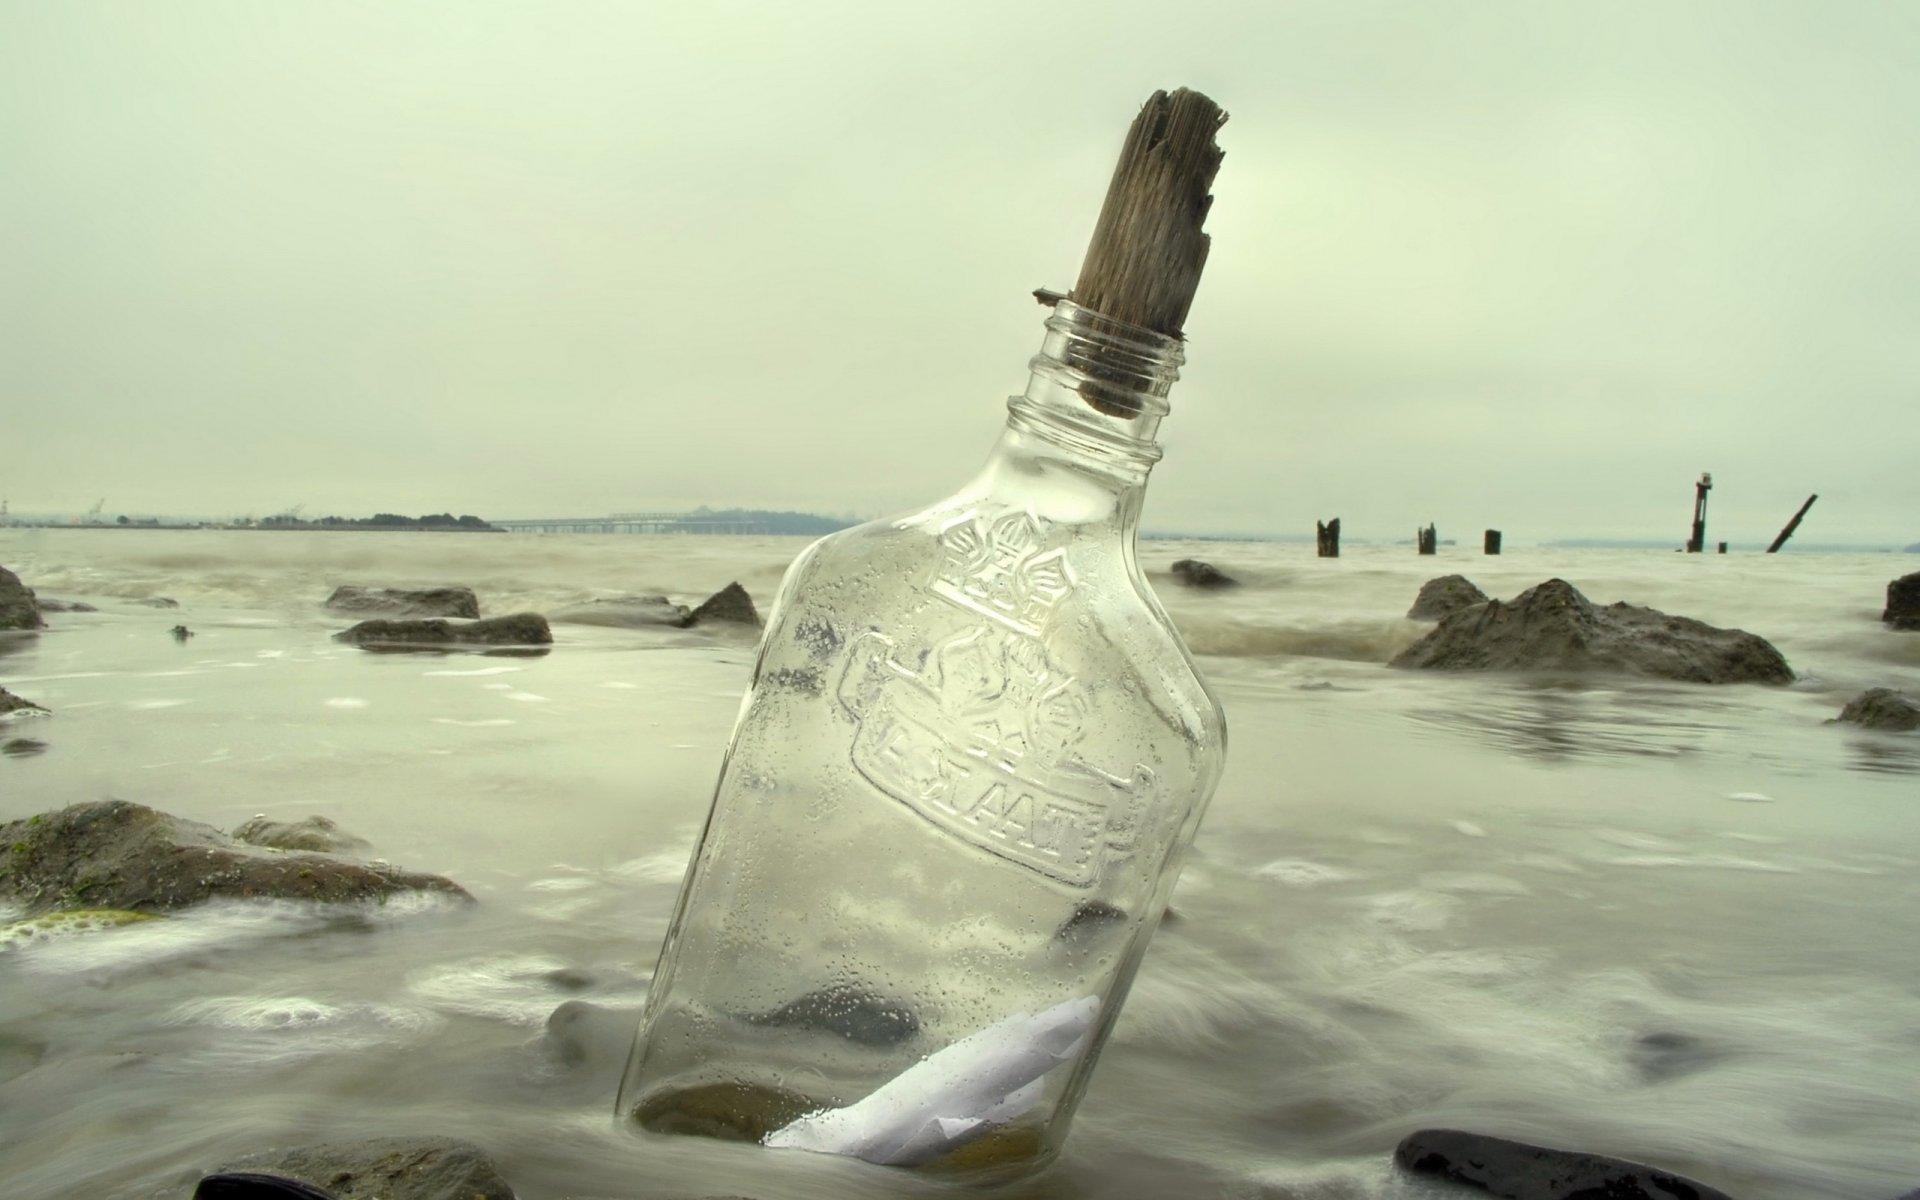 основном картинки бутылок в море днём бракосочетания